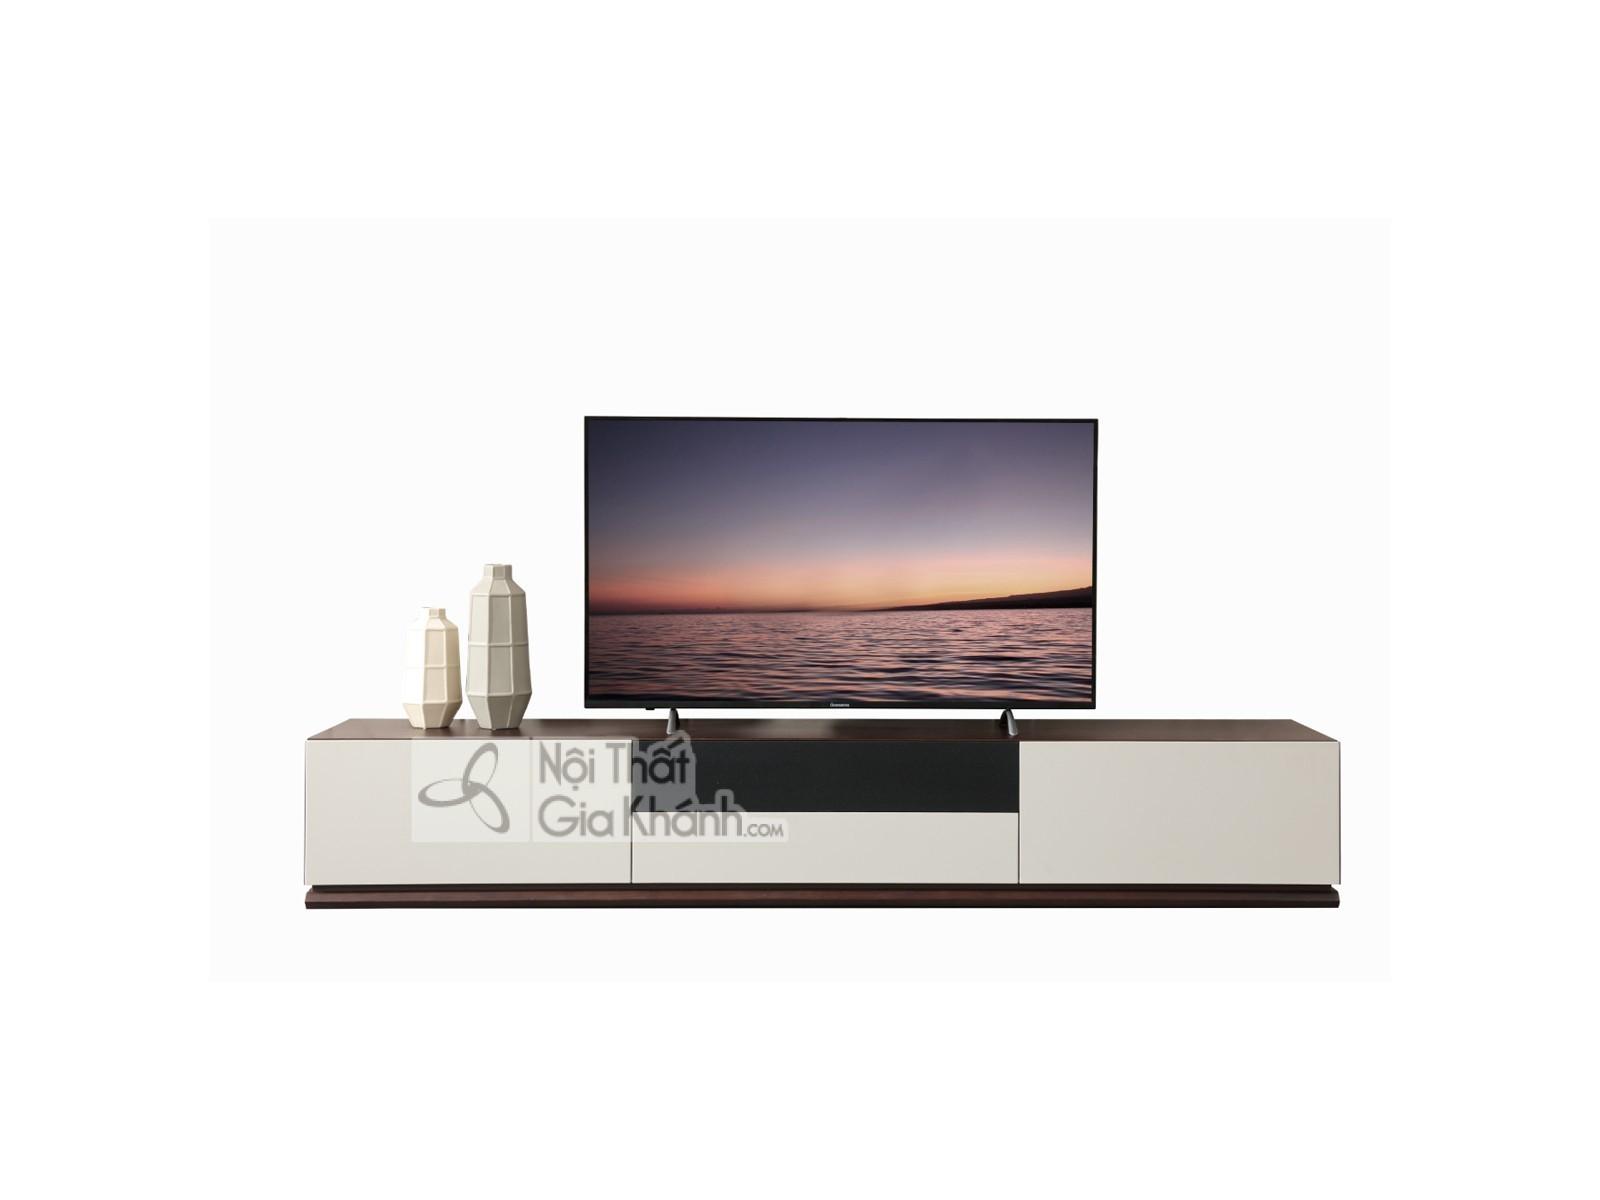 Bộ Bàn Trà Kệ Tivi Hiện Đại Nhập Khẩu Tv1801-13